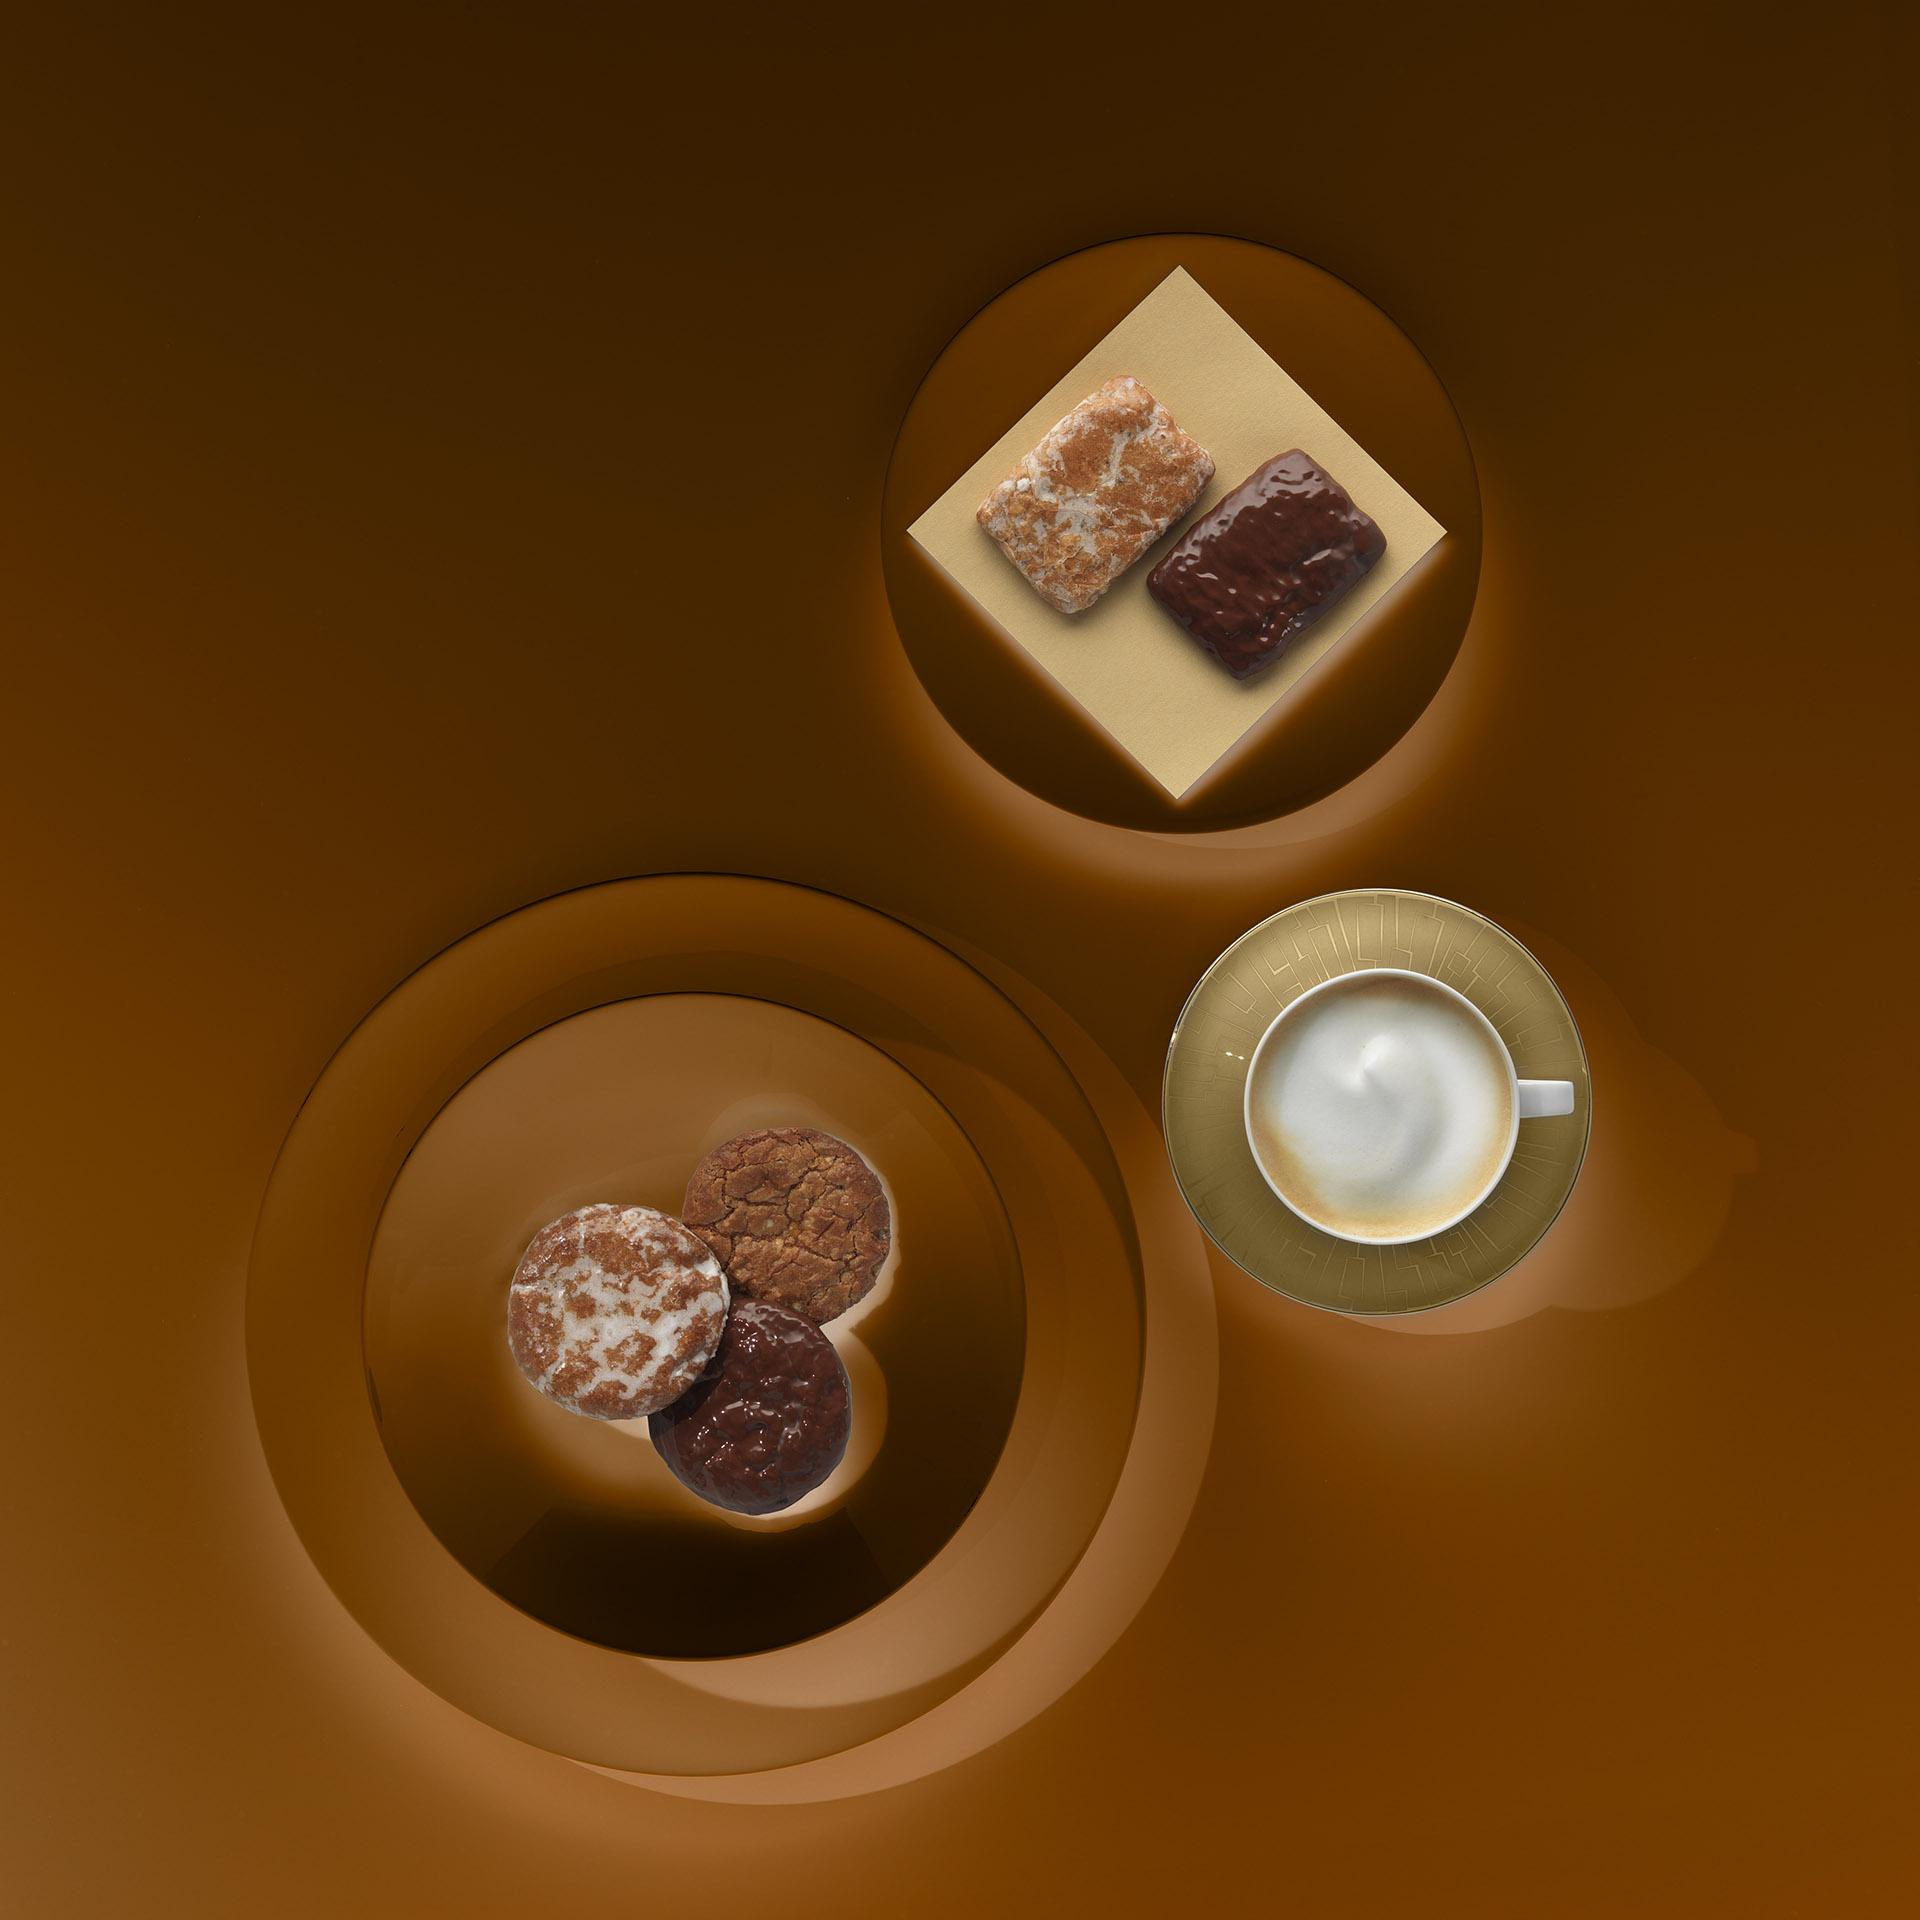 Imageaufnahme für Leupoldt Lebkuchen mit Lebkuchenvariation und Kaffee. Feigfotodesign